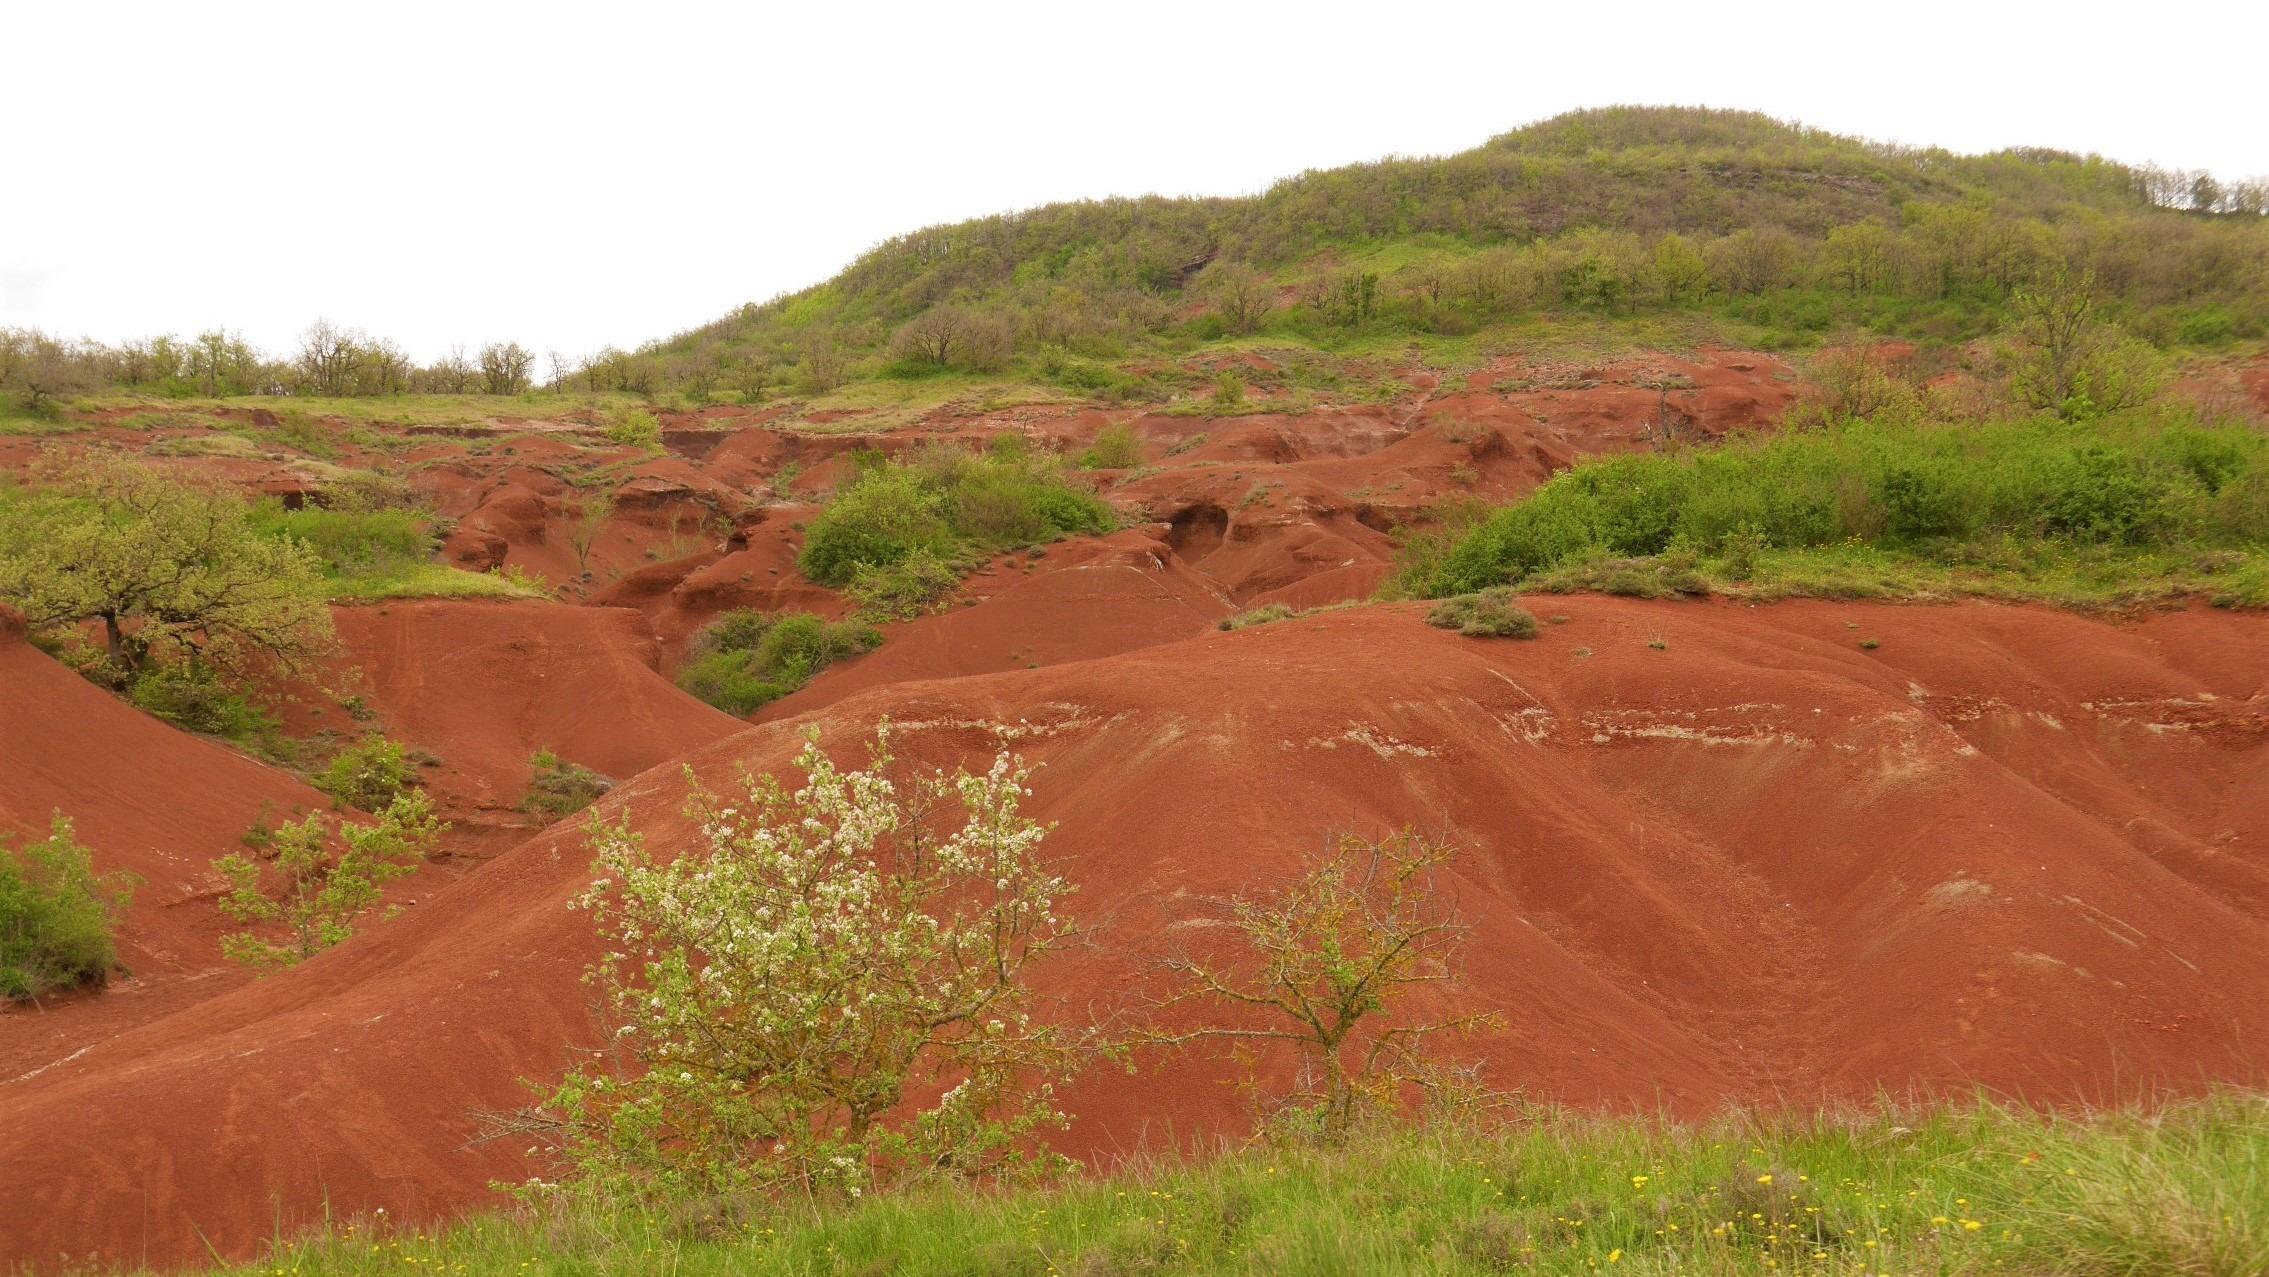 Aveyron rougier de Camares infos pratiques blog voyage france arpenter le chemin